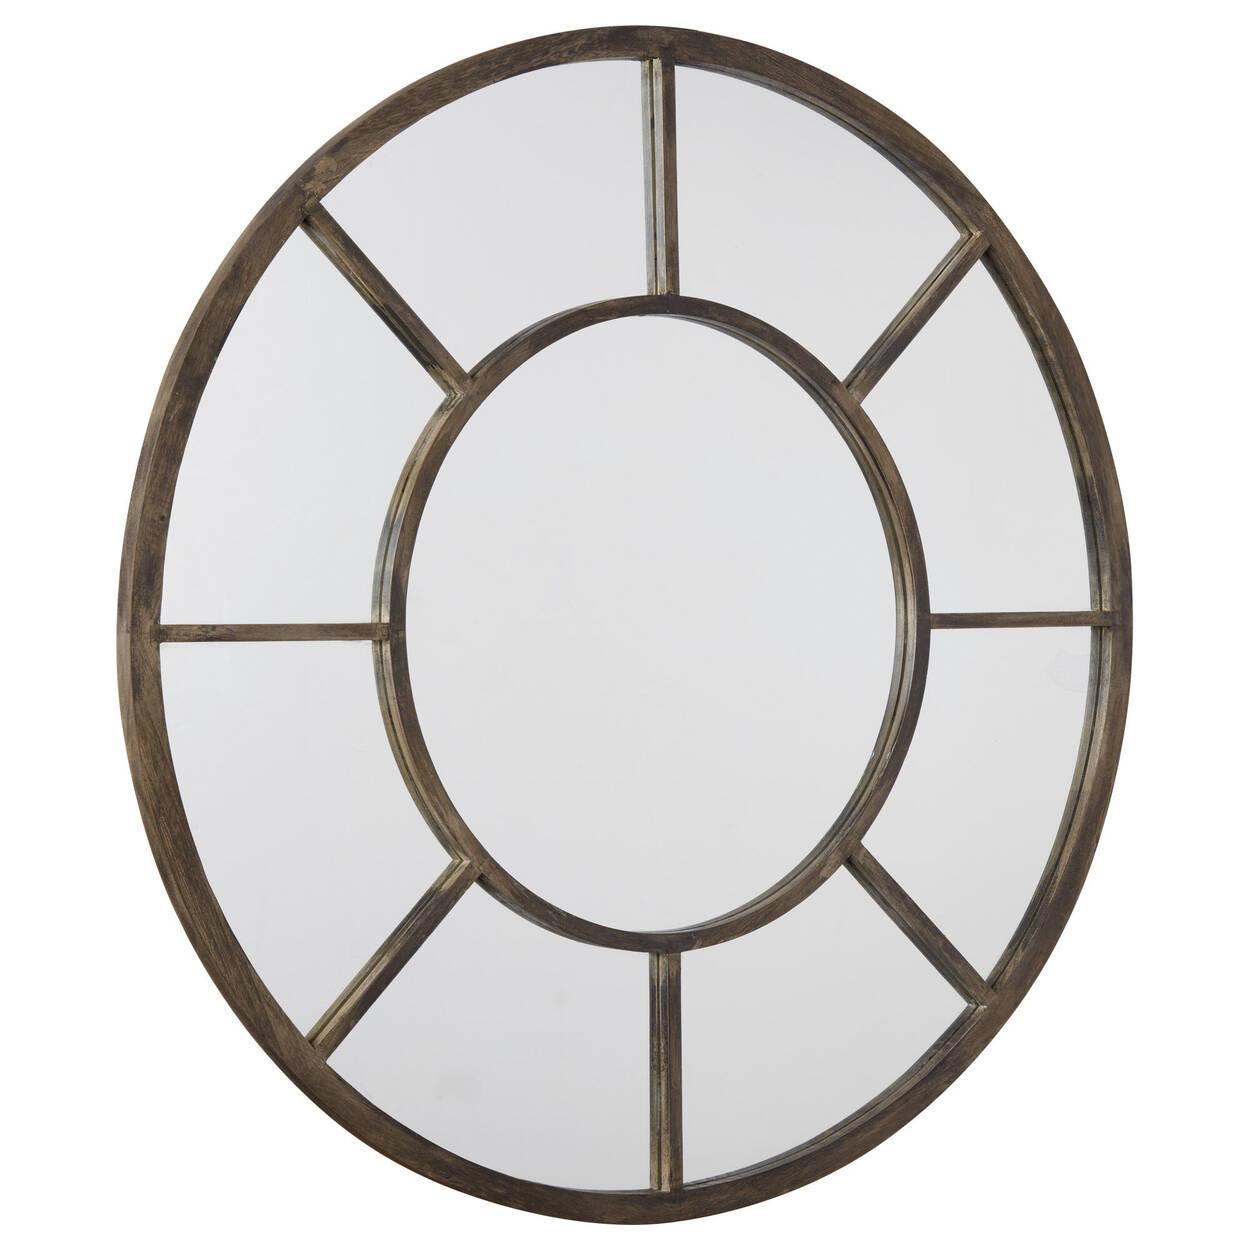 Miroir rond style fenêtre à carreaux